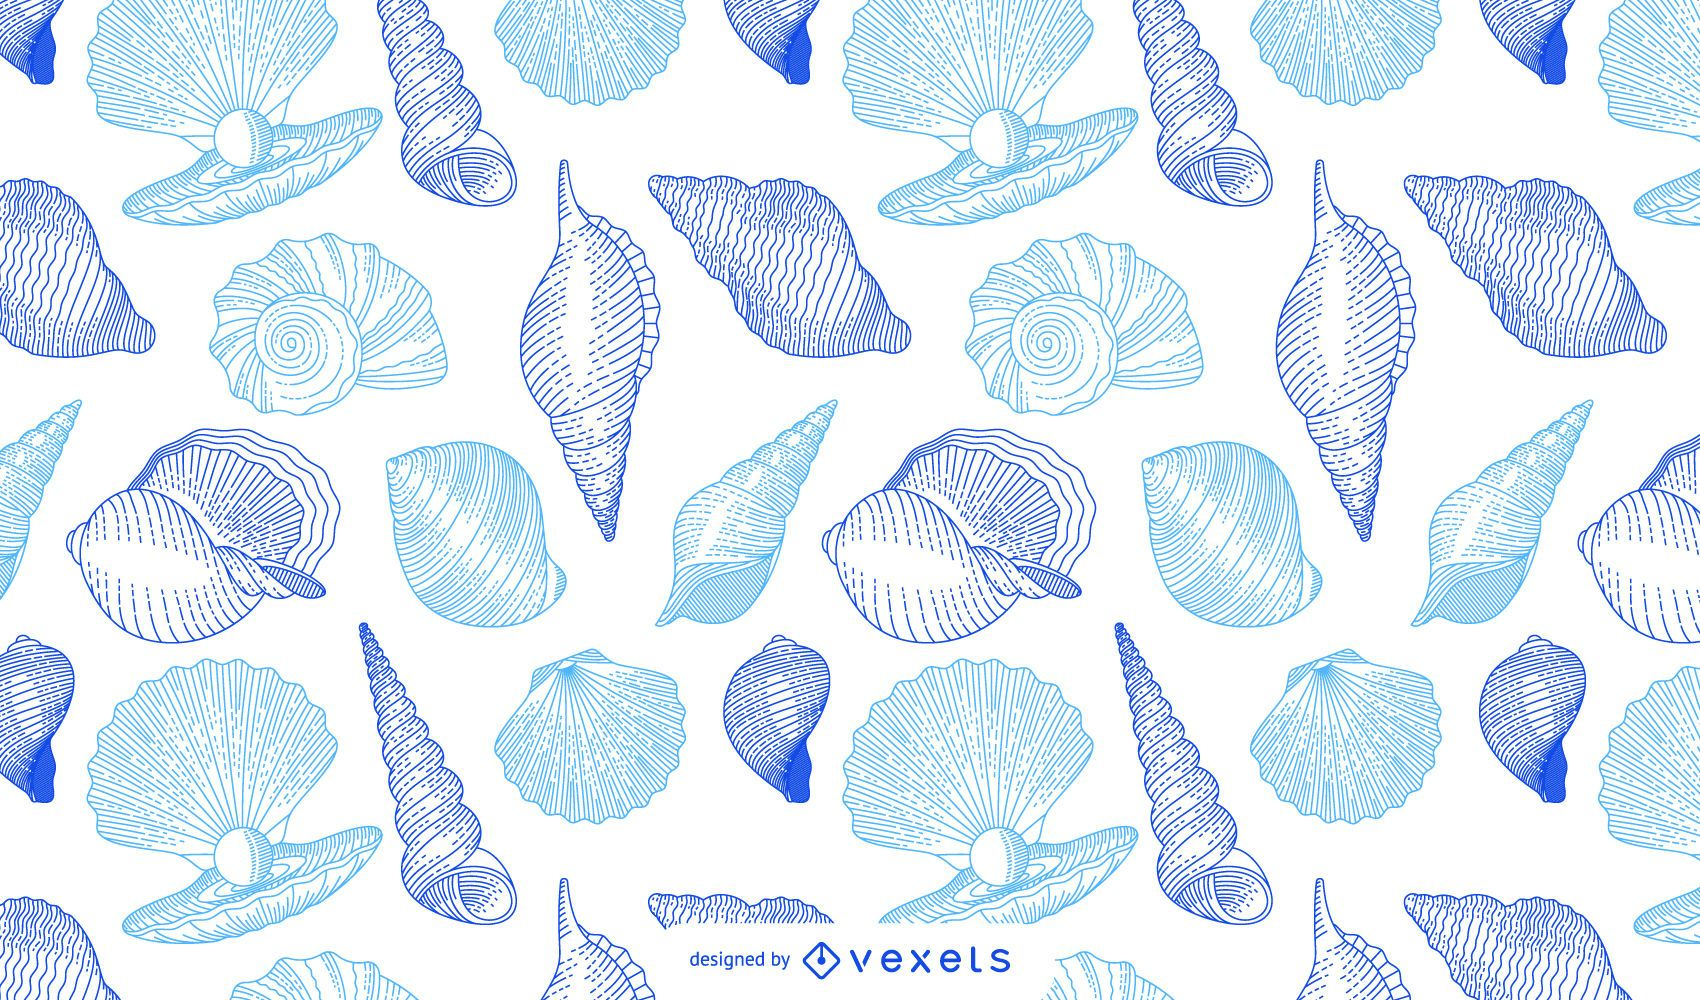 Diseño de patrón de conchas marinas